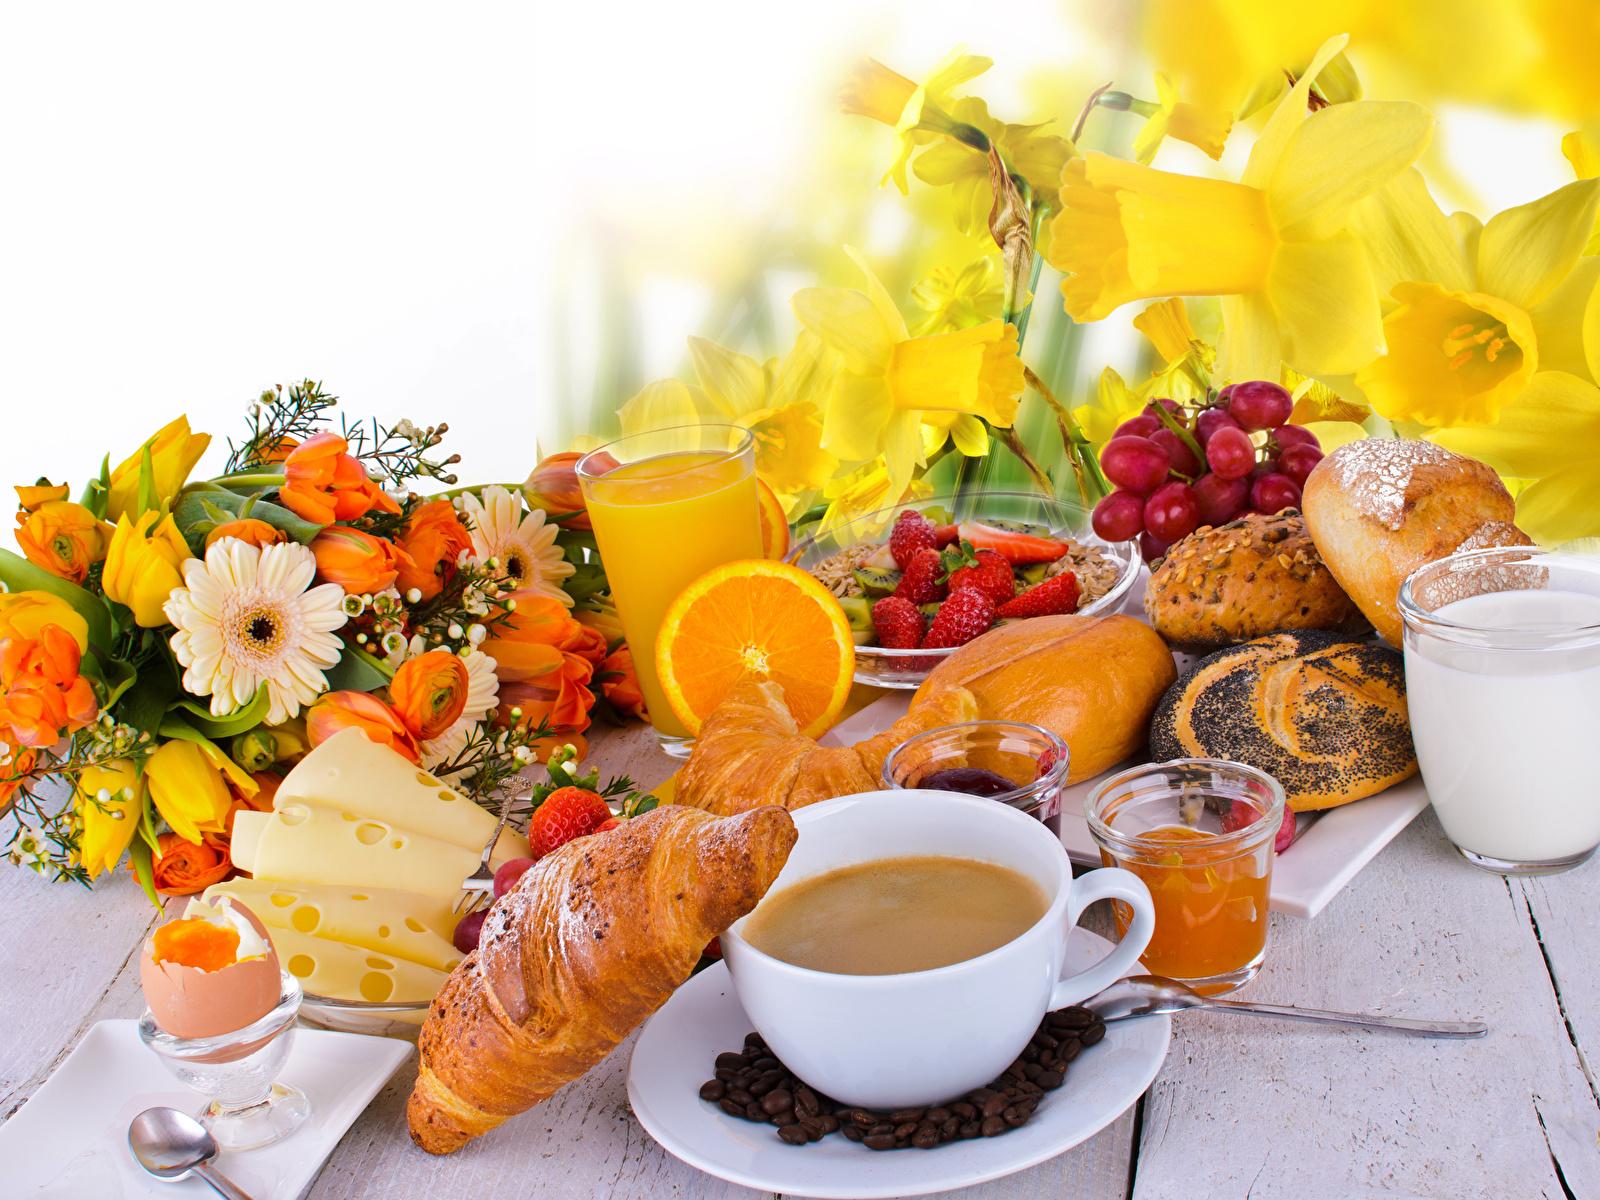 Фотография Молоко яйцами Букеты Сок Кофе Завтрак Круассан Сыры стакана Булочки Клубника Нарциссы Еда Чашка 1600x1200 яиц Яйца яйцо Стакан стакане Пища чашке Продукты питания